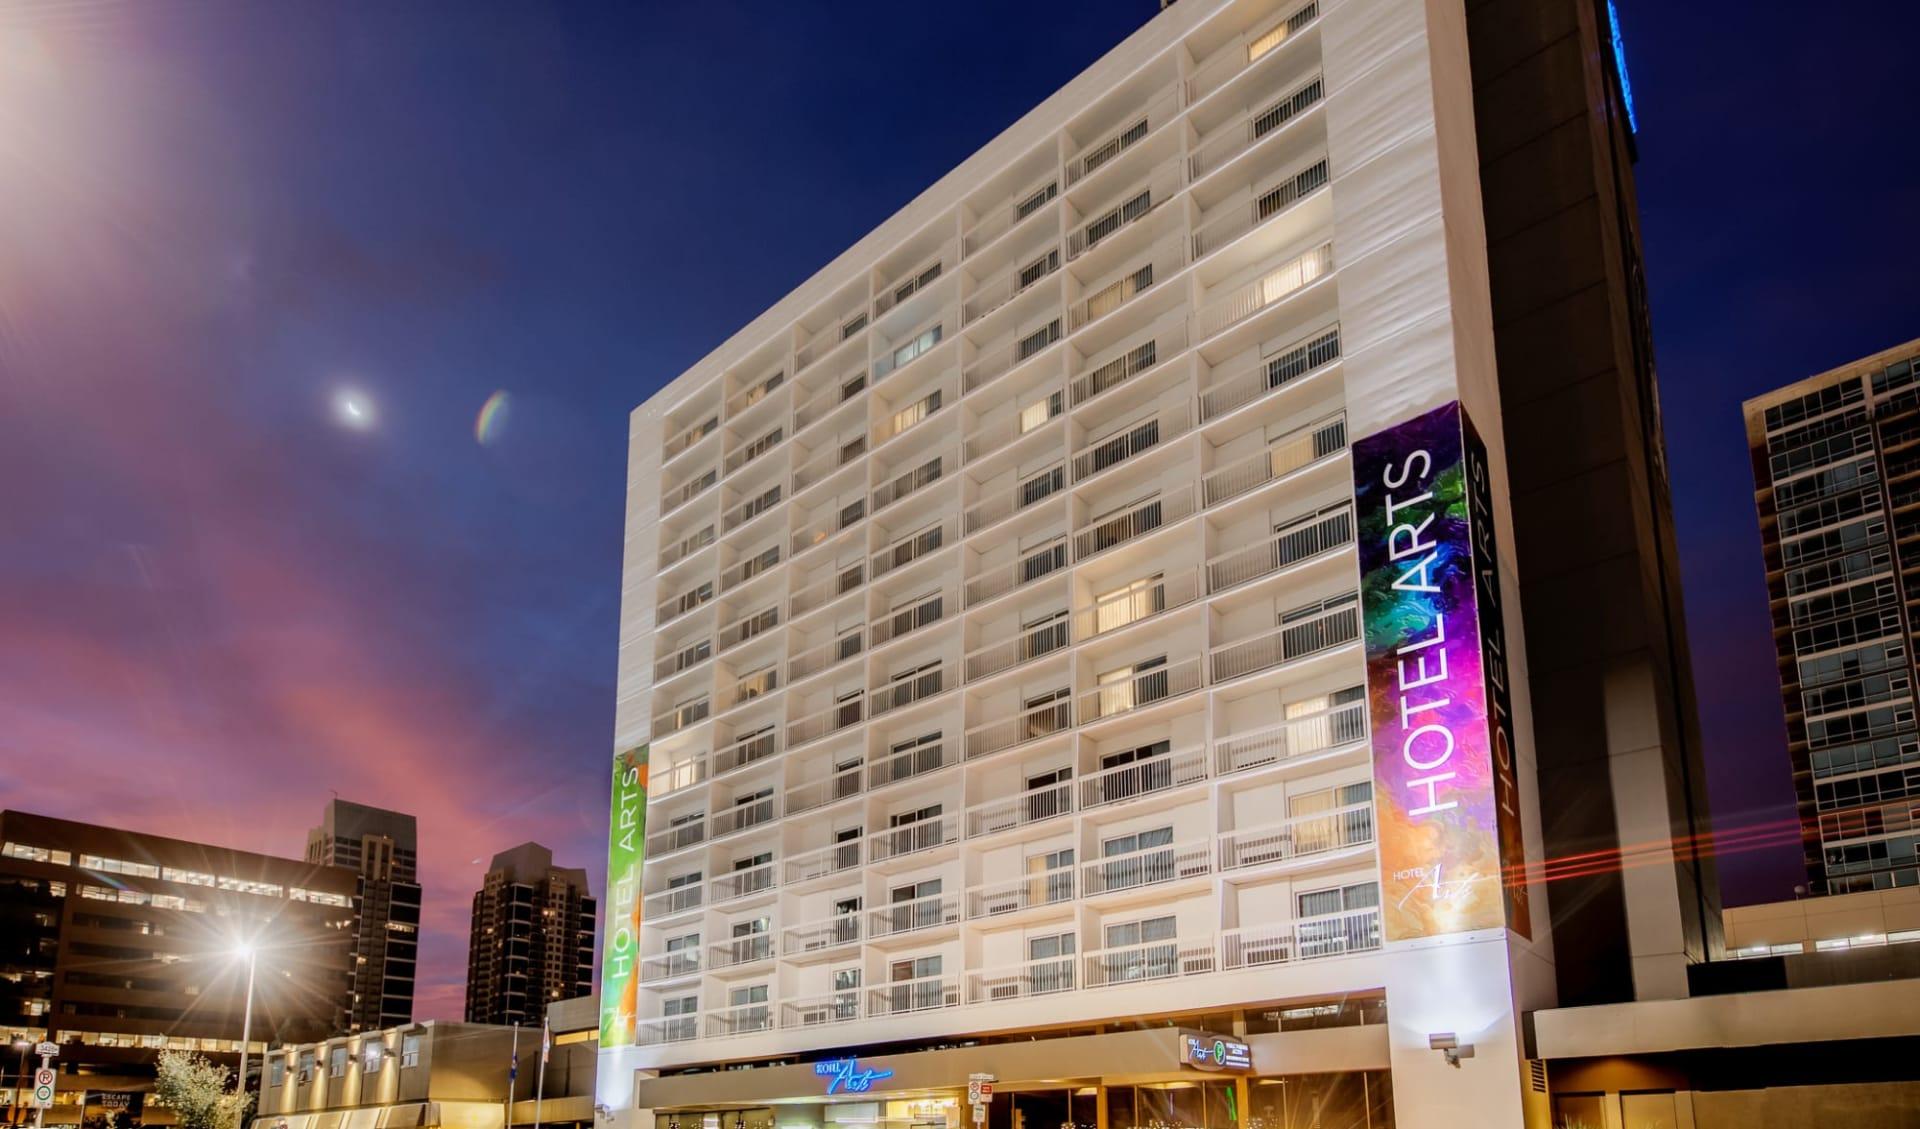 Hotel Arts in Calgary: Exterior_Arts Hotel YYC_Aussenansicht bei Nacht_Jonview